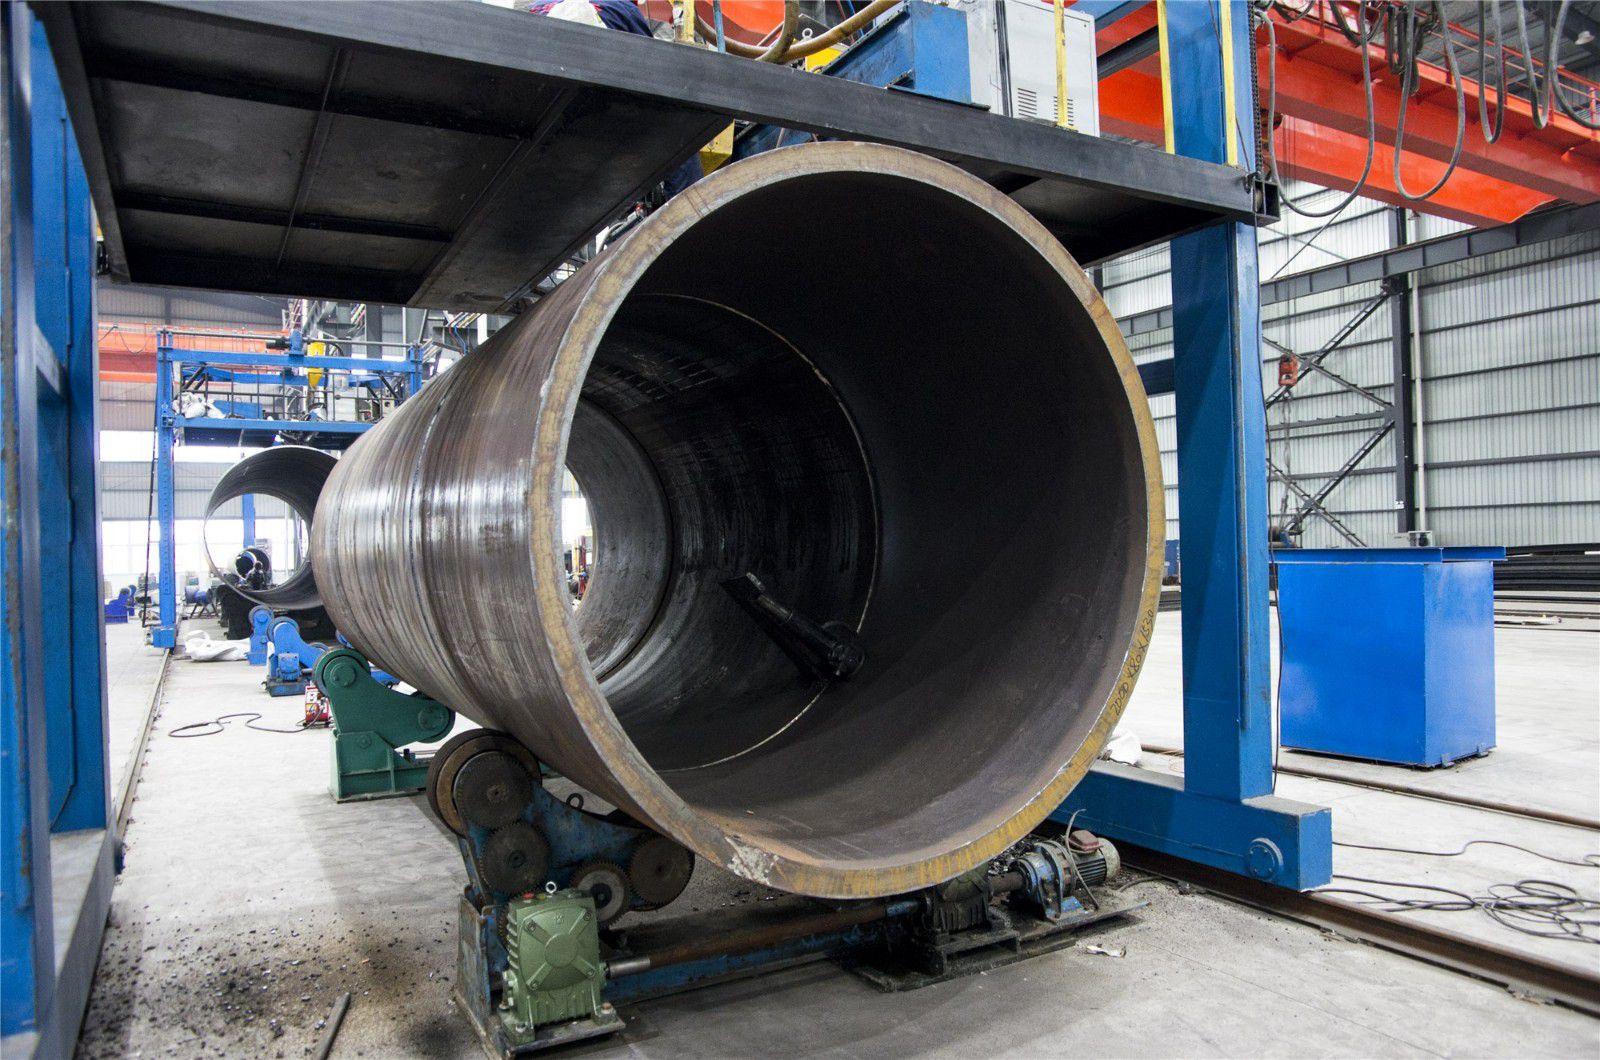 濟南平陰縣Q355B直縫焊管如何起到實用作用的